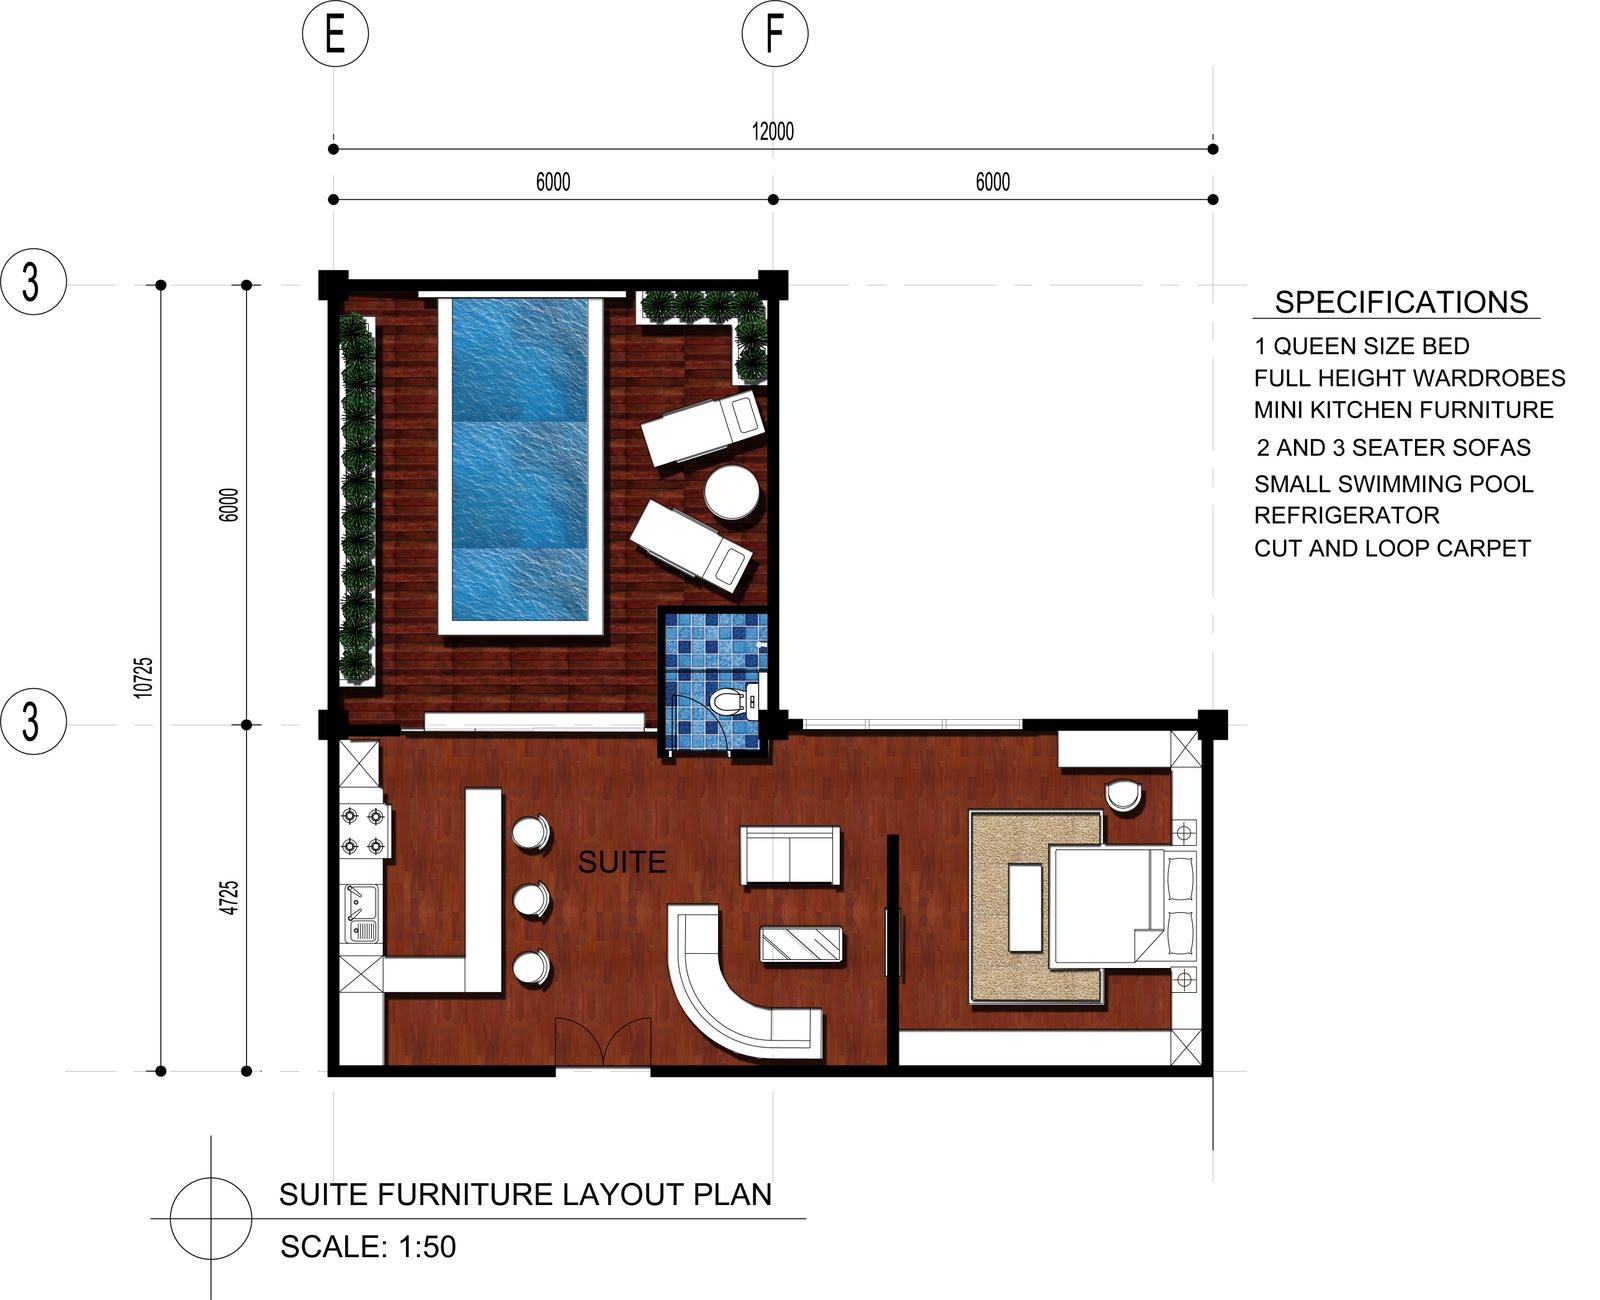 Furniture Arrangement Tool emejing living room furniture layout tool images - home design